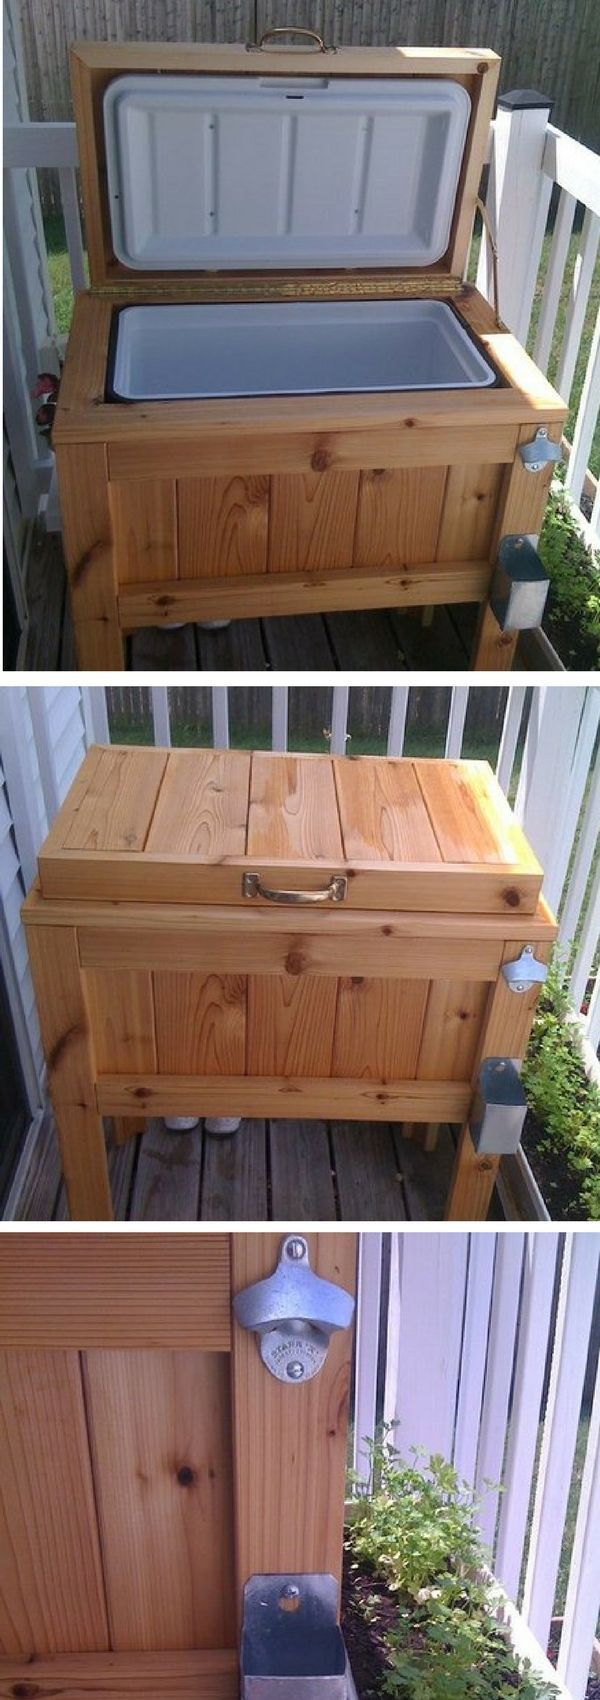 DIY Garden Furniture – 40 projets simples que vous pouvez faire immédiatement